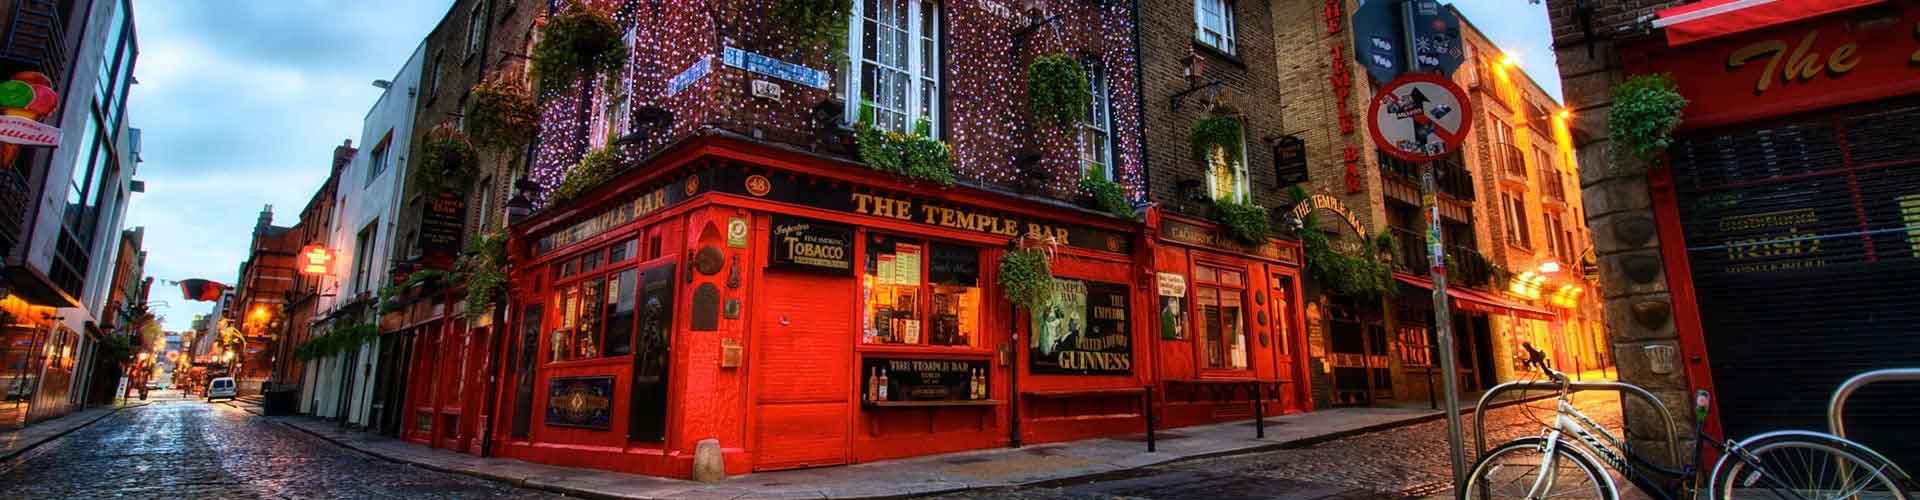 Dublín - Hostales en el distrito Temple Bar. Mapas de Dublín, Fotos y comentarios de cada Hostal en Dublín.